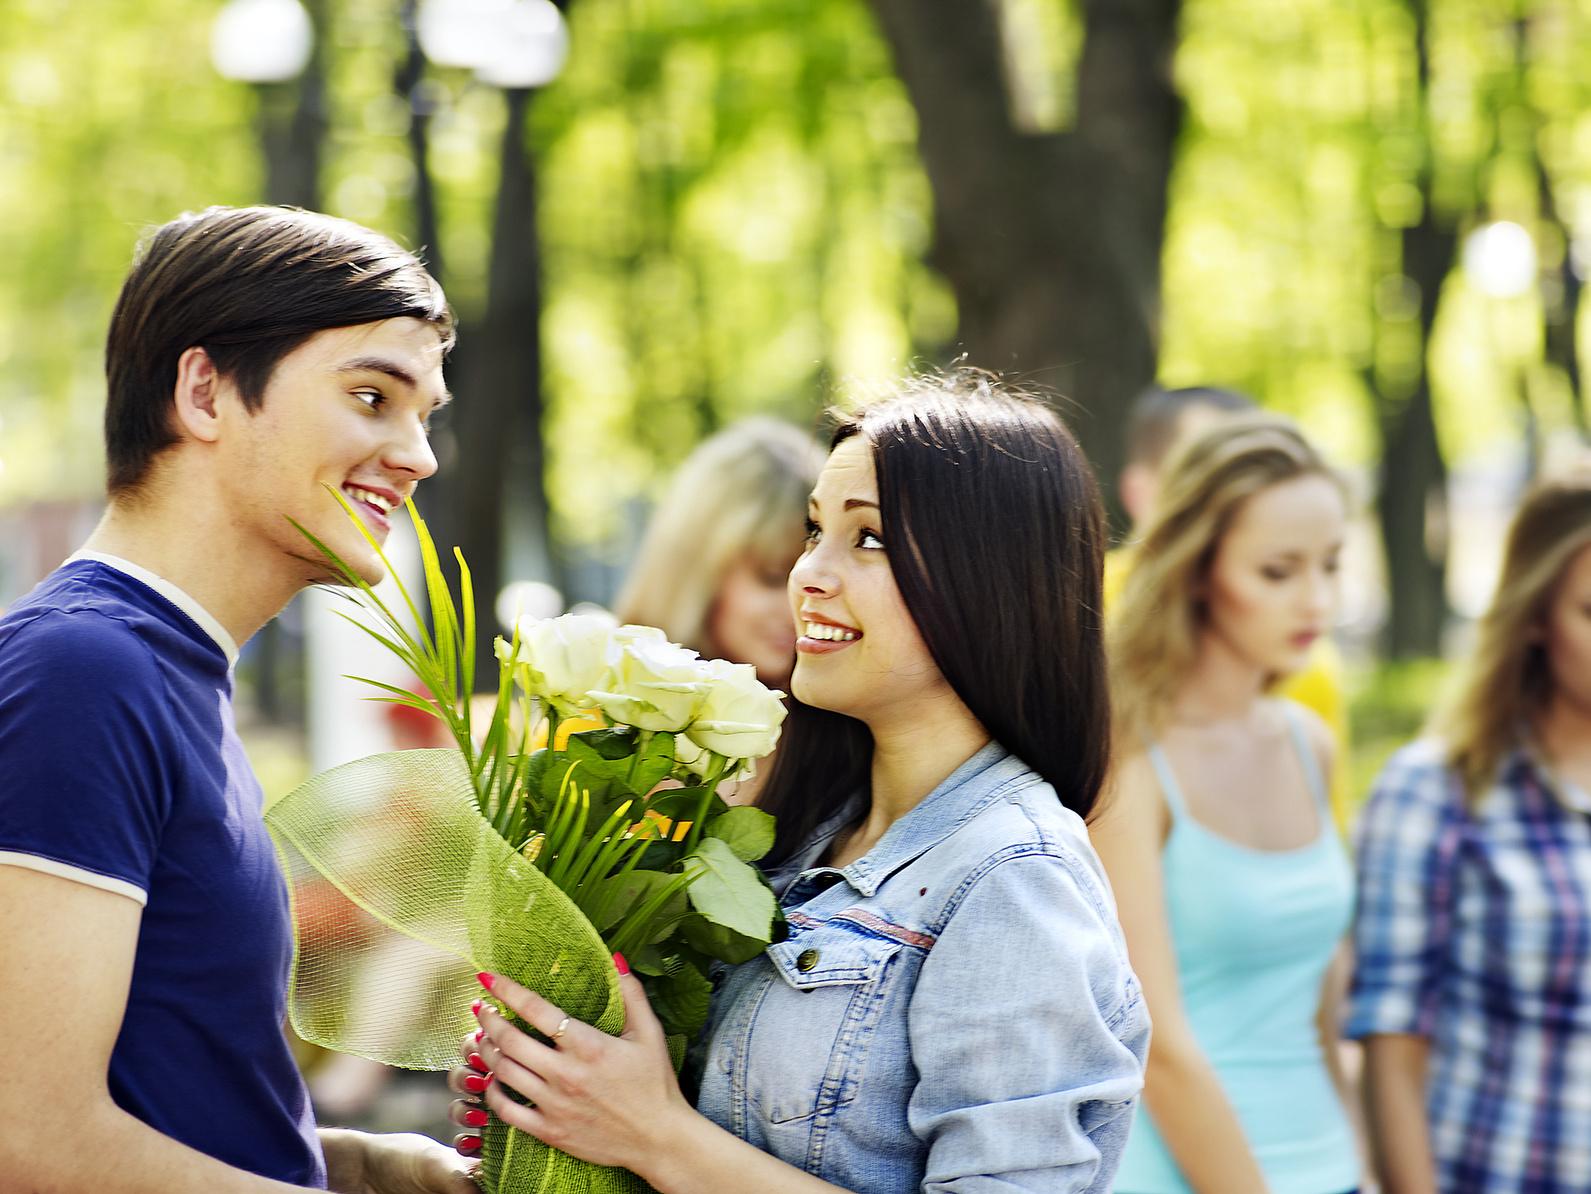 Omul îi invită pe fată la 1 dată. Unde să inviți o fată la prima întâlnire